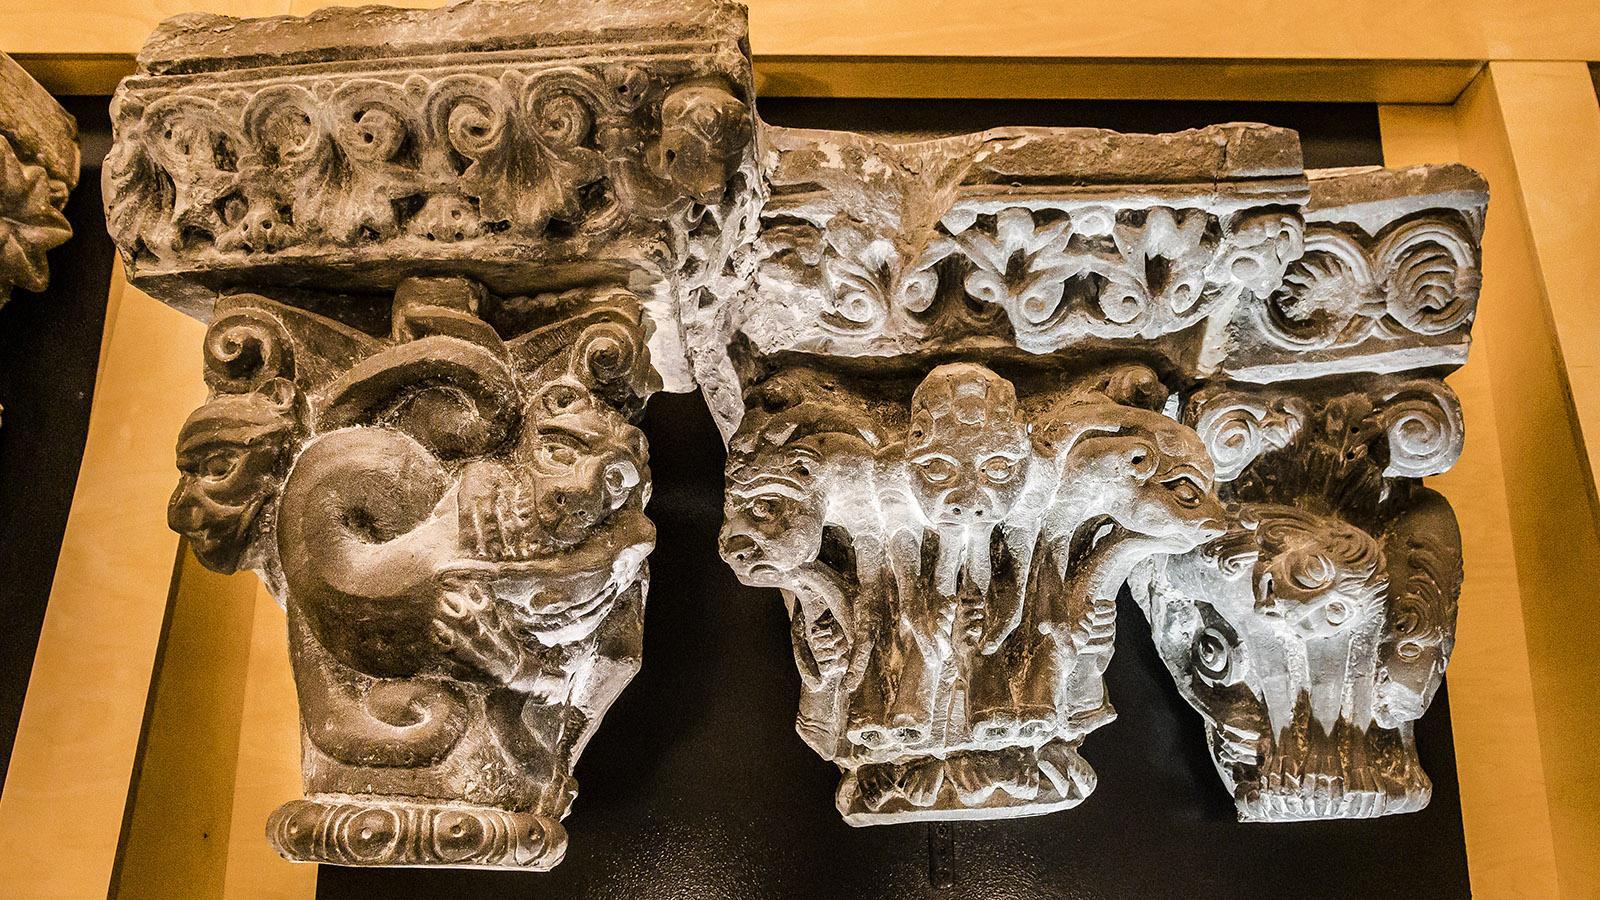 Cabestany: Friese, gefertigt vom Meister von Cabestany